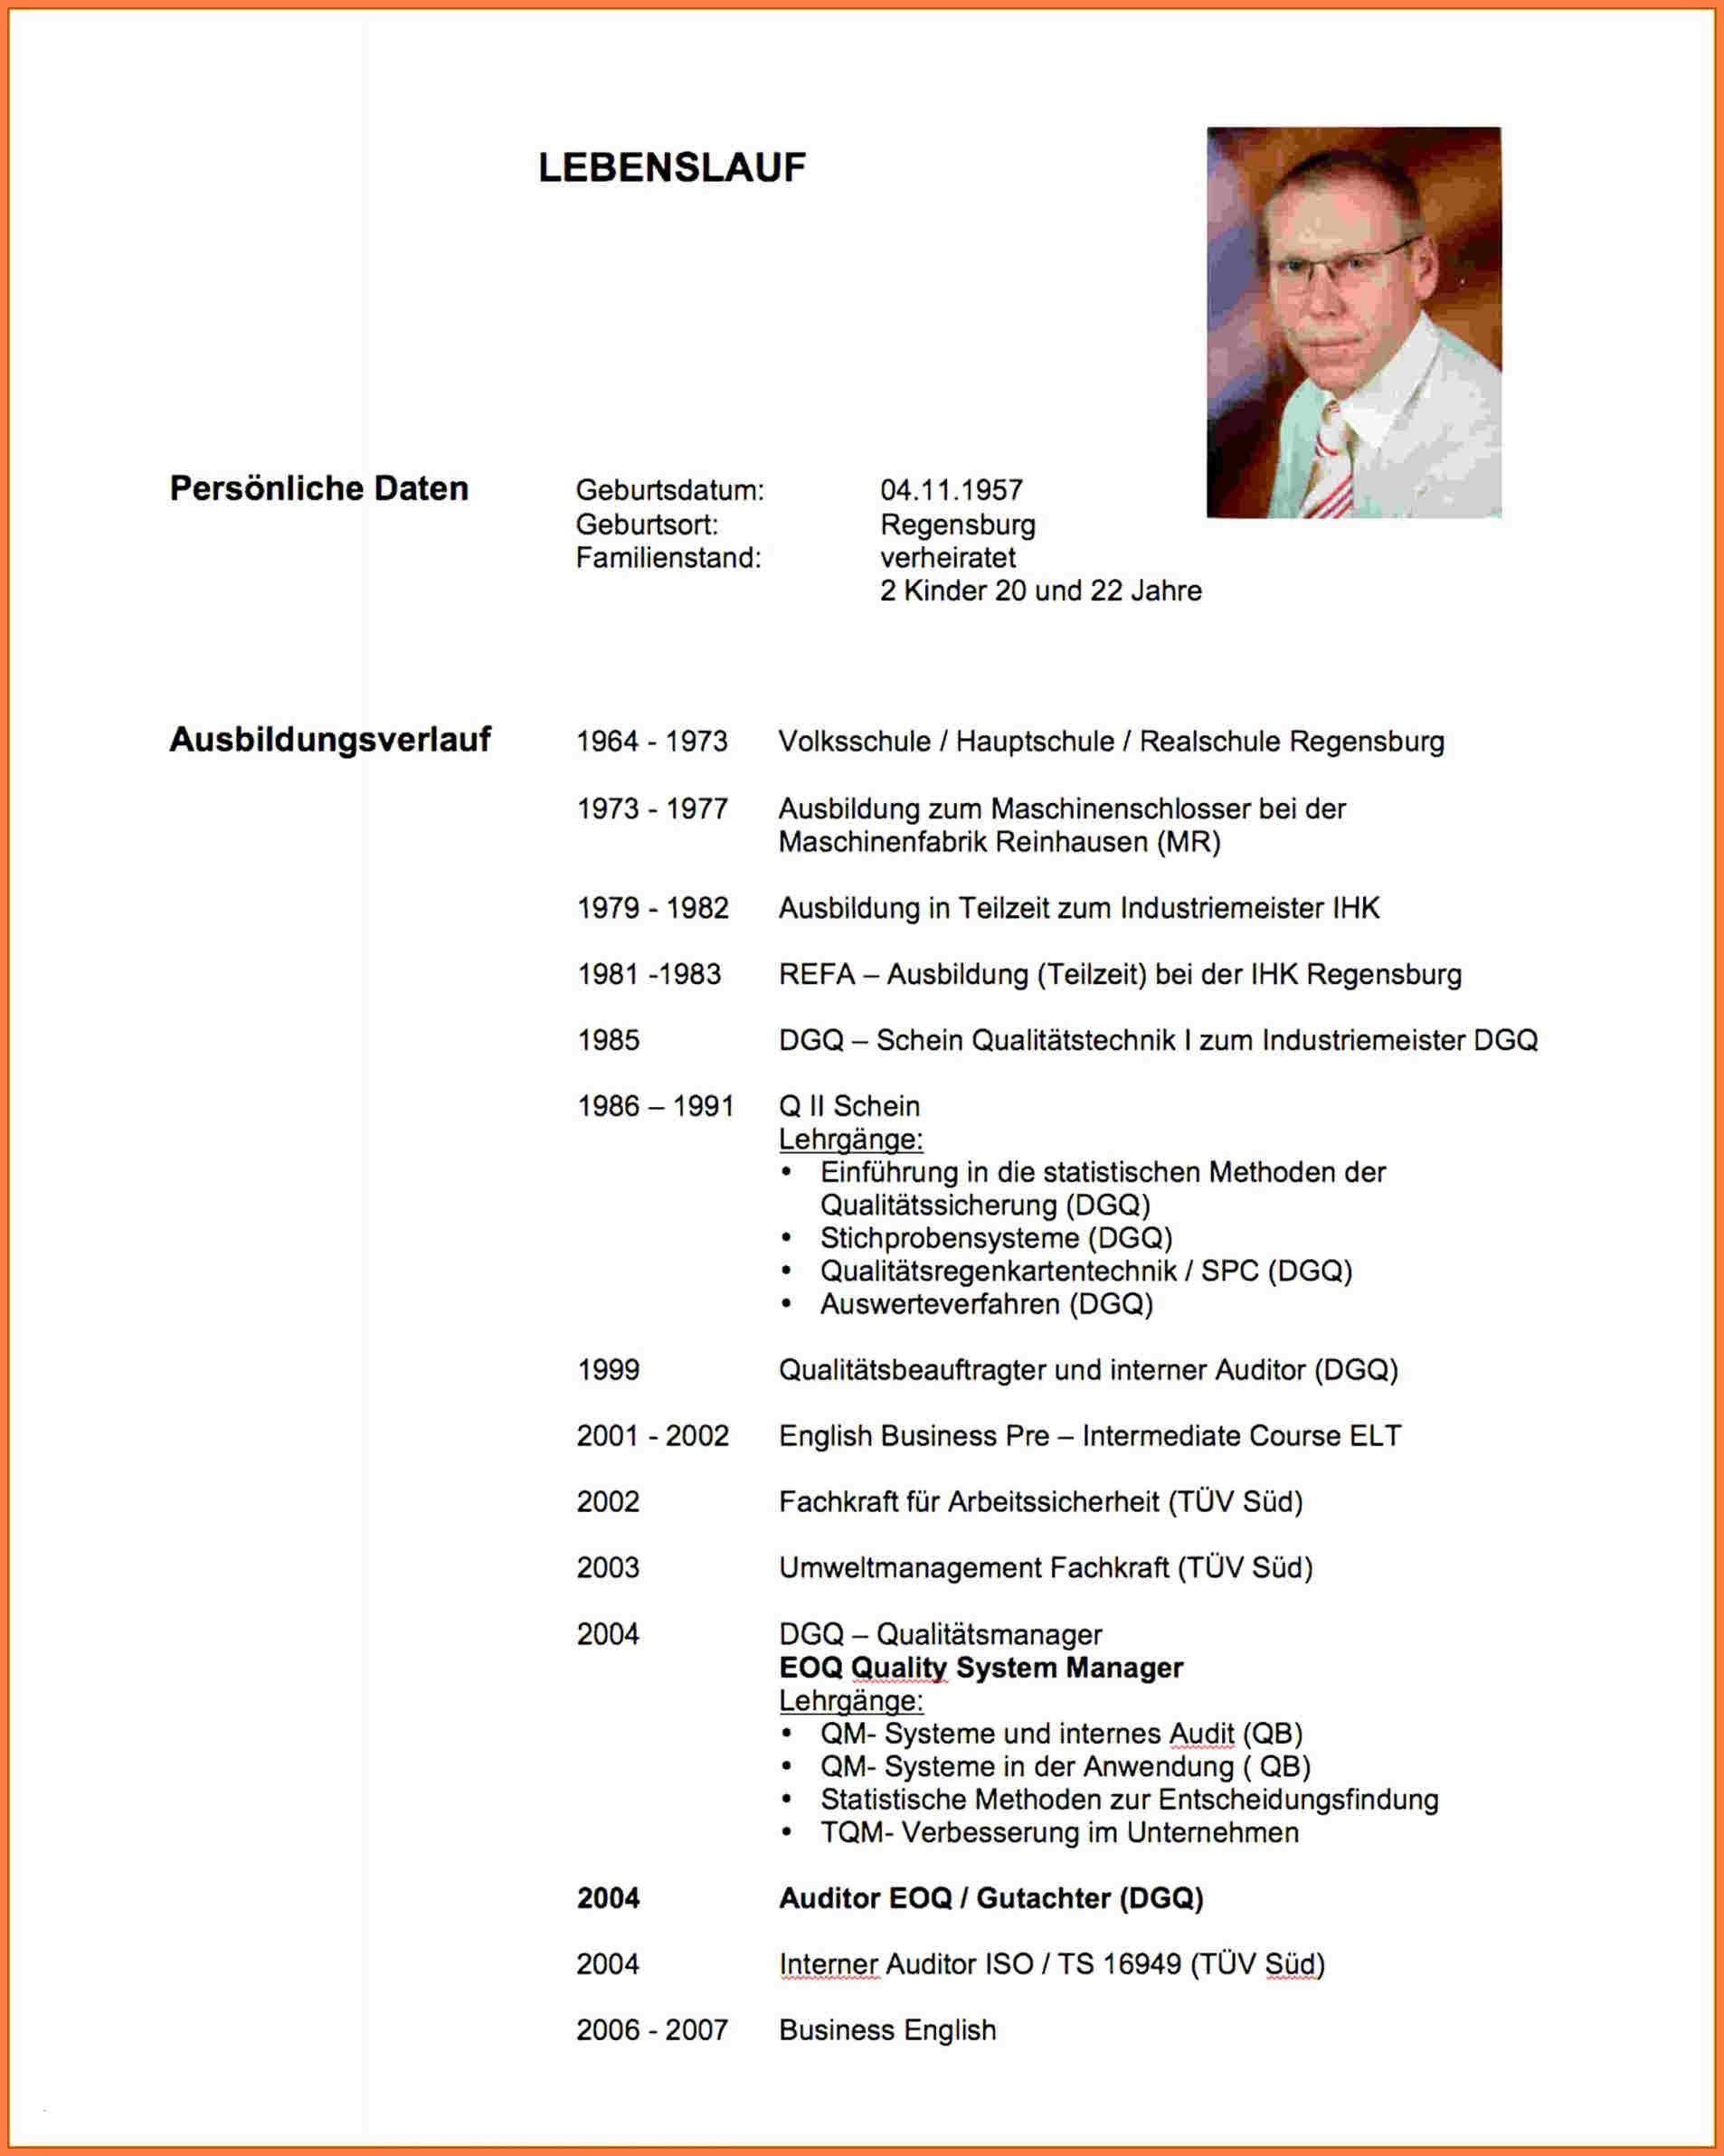 Briefprobe Briefformat Briefvorlage Resume Examples Business Analyst Resume Teacher Resume